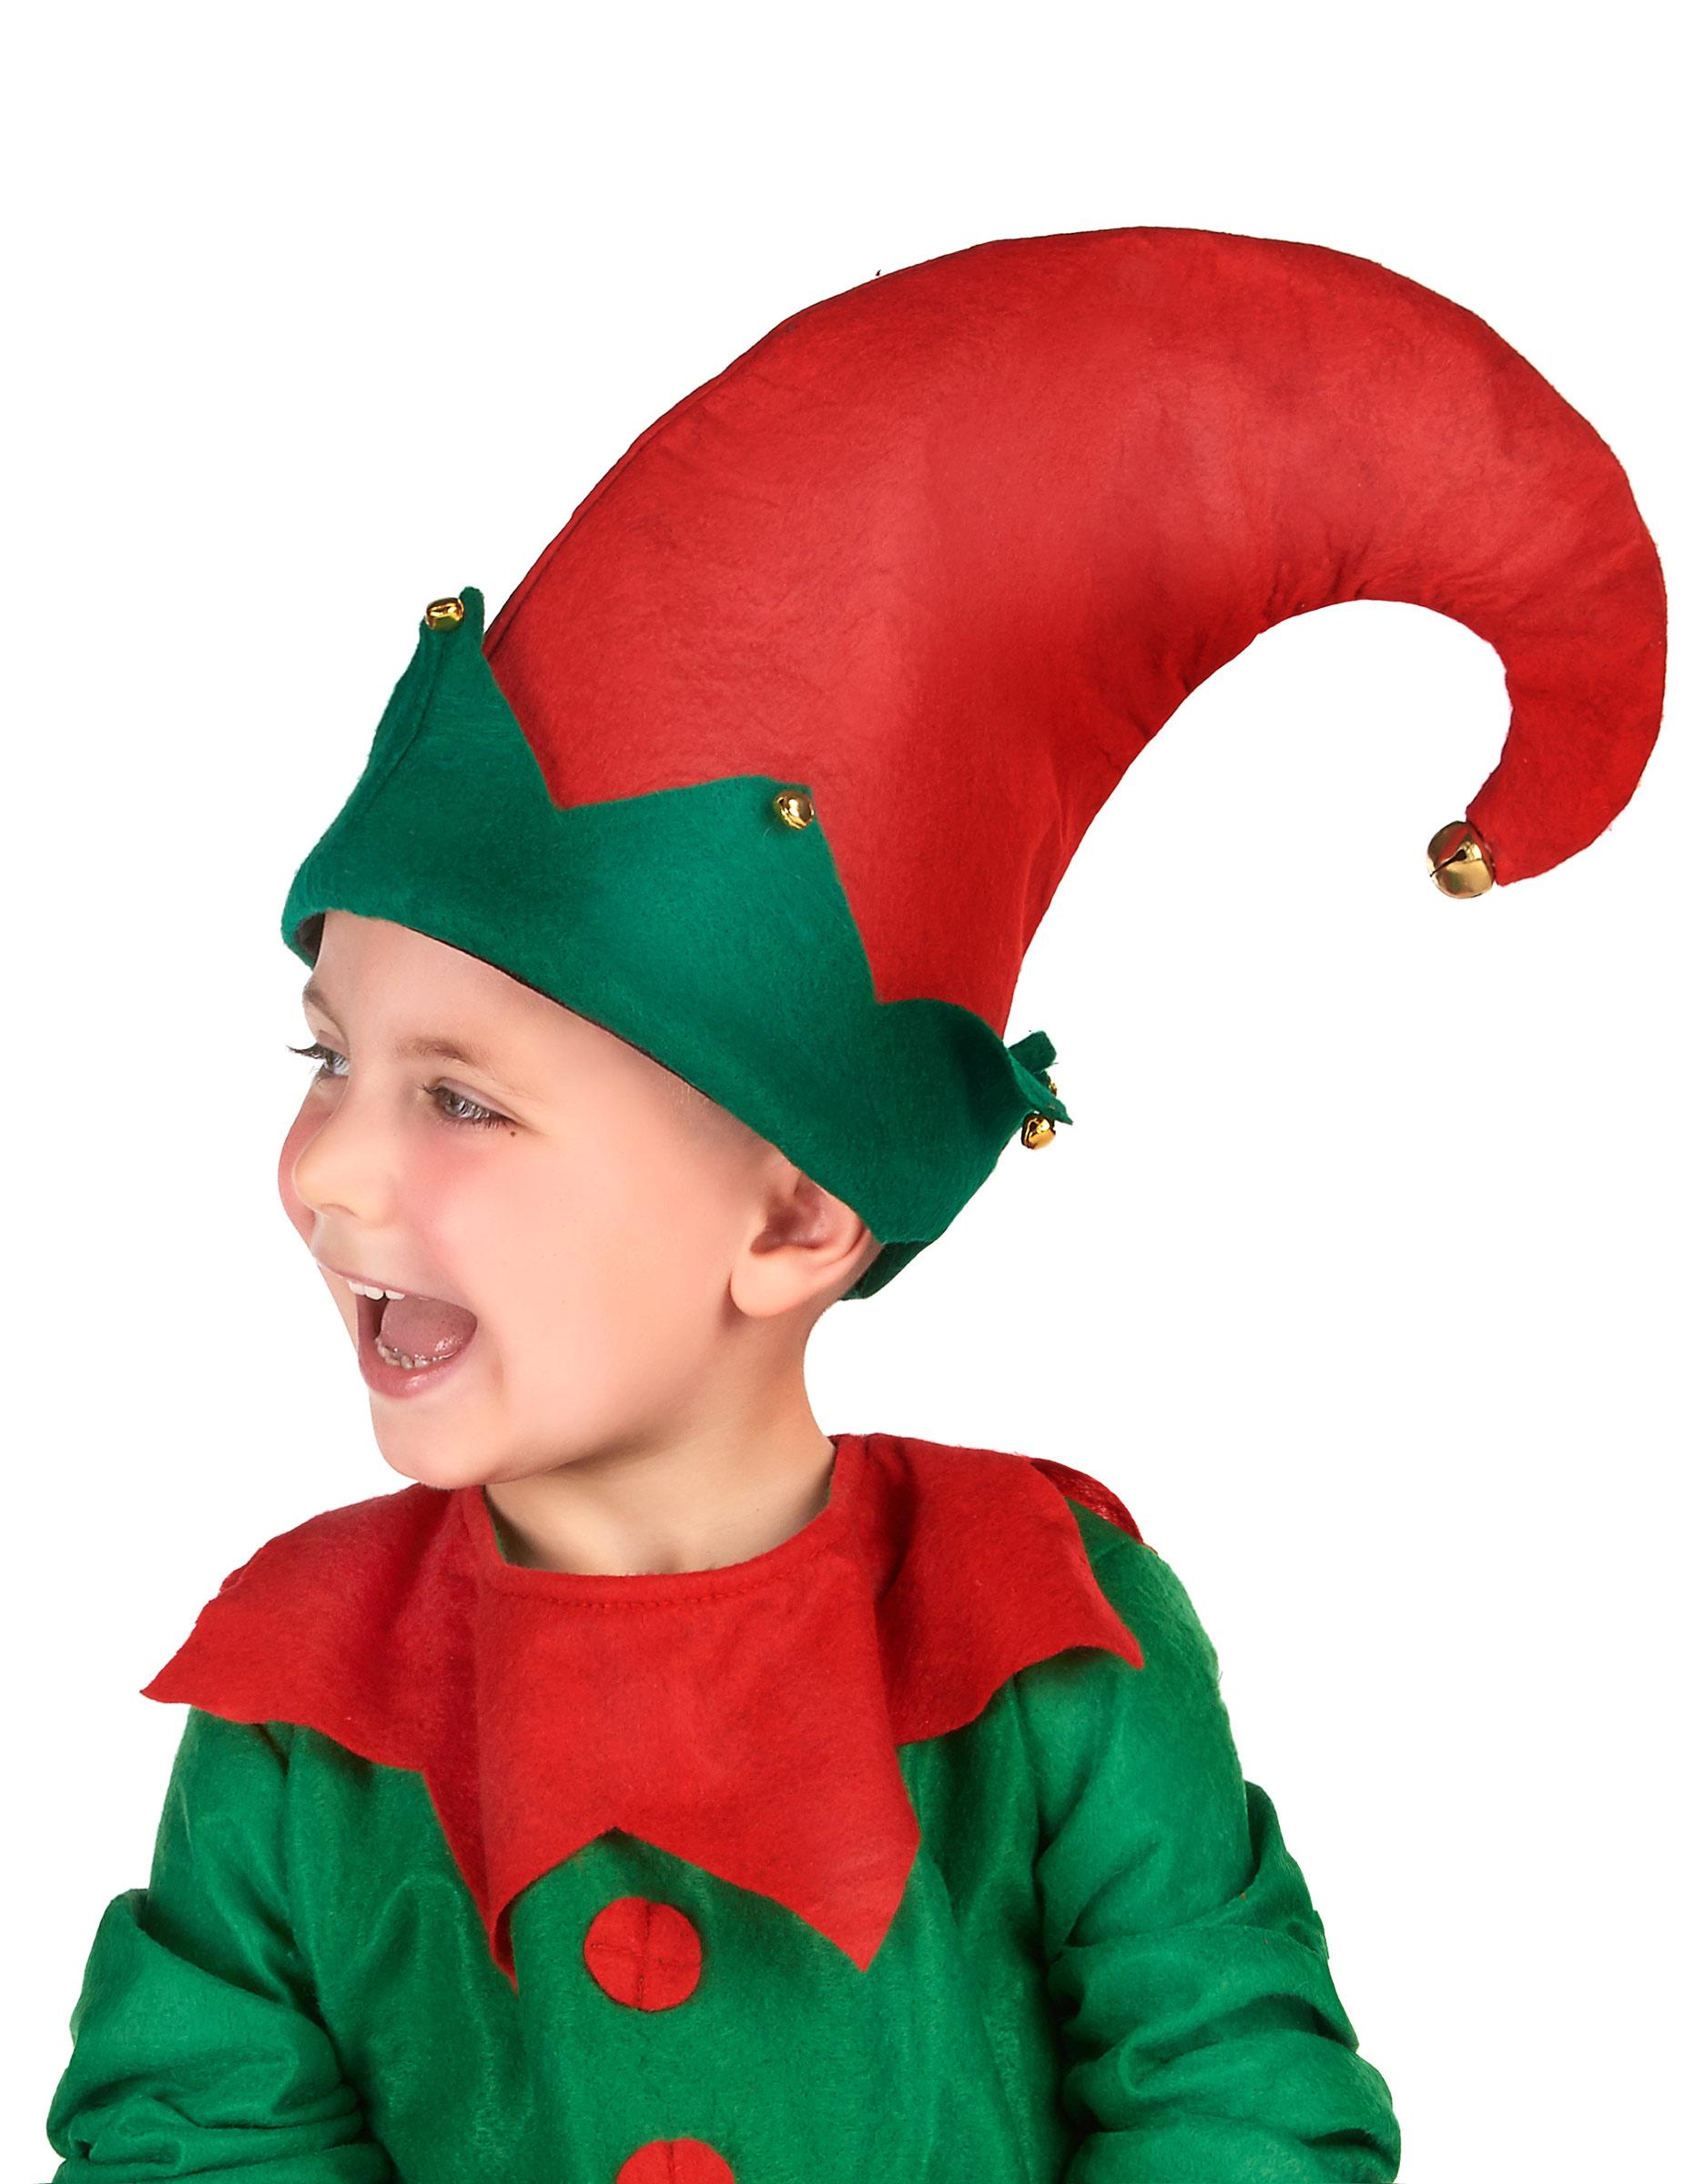 presentando comprare bene prezzi al dettaglio Cappello da elfo di natale per bambino